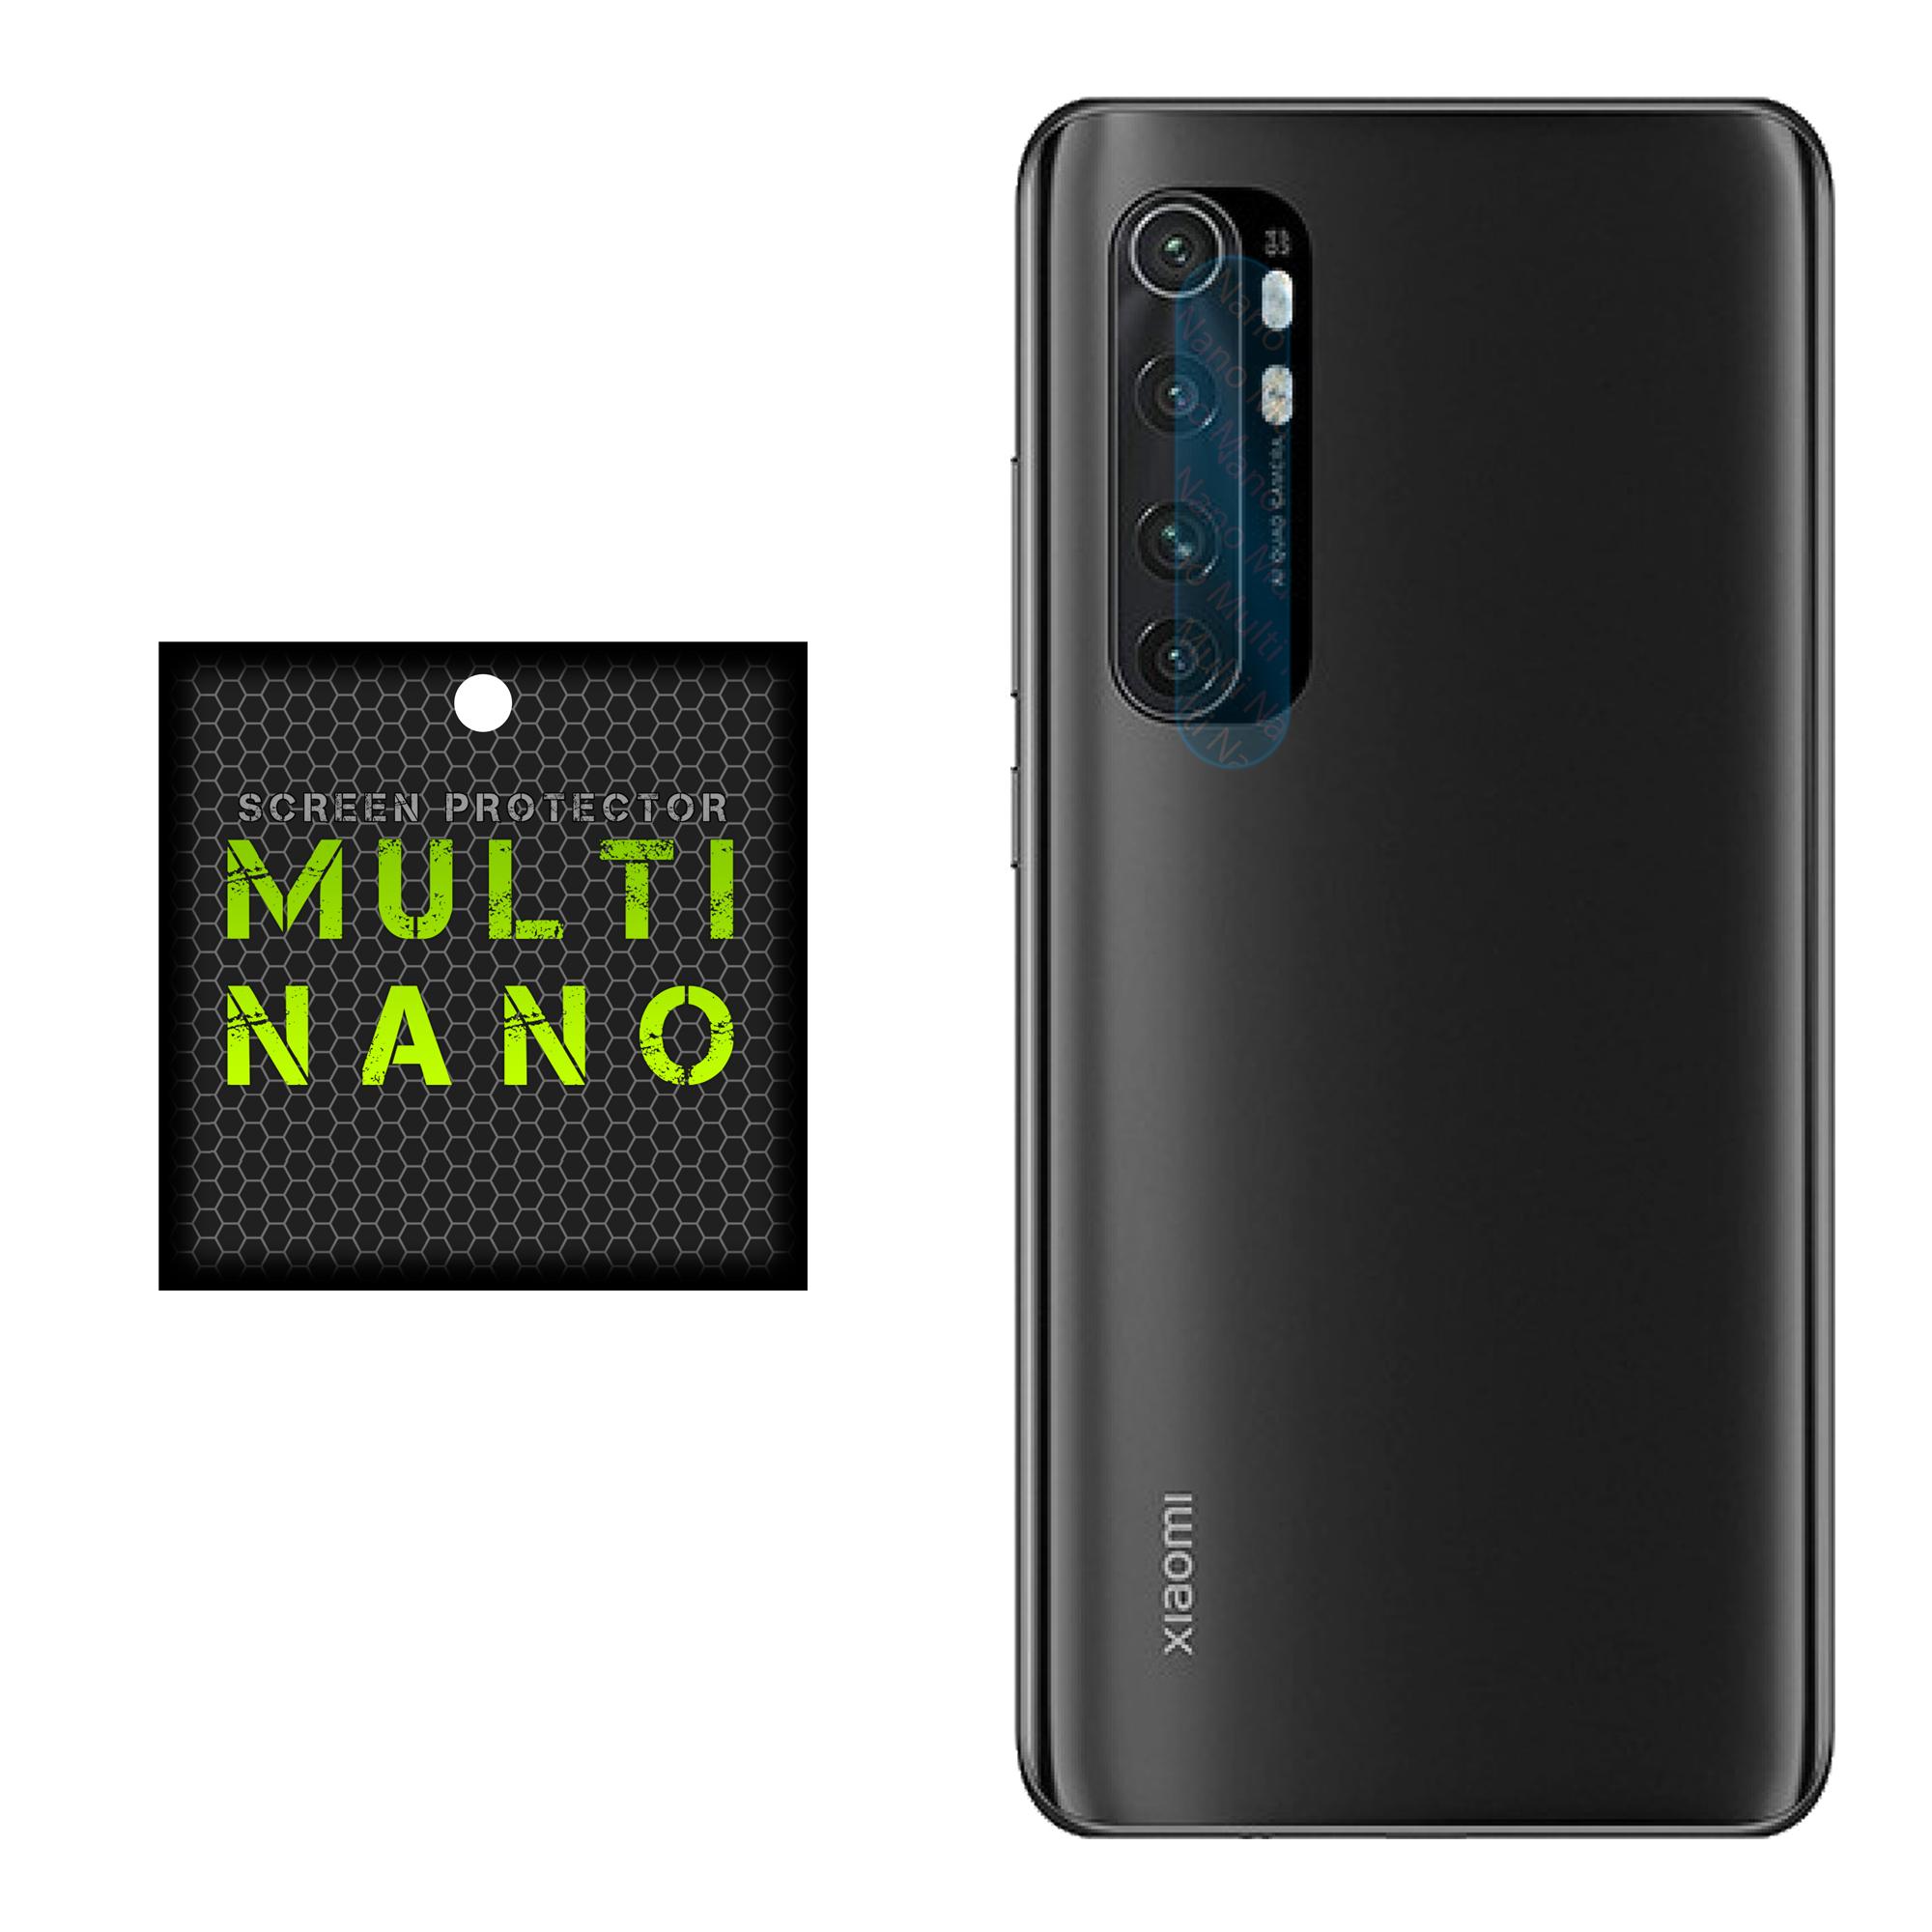 محافظ لنز دوربین مولتی نانو مدل Pro مناسب برای گوشی موبایل شیائومی Mi Note 10 Lite